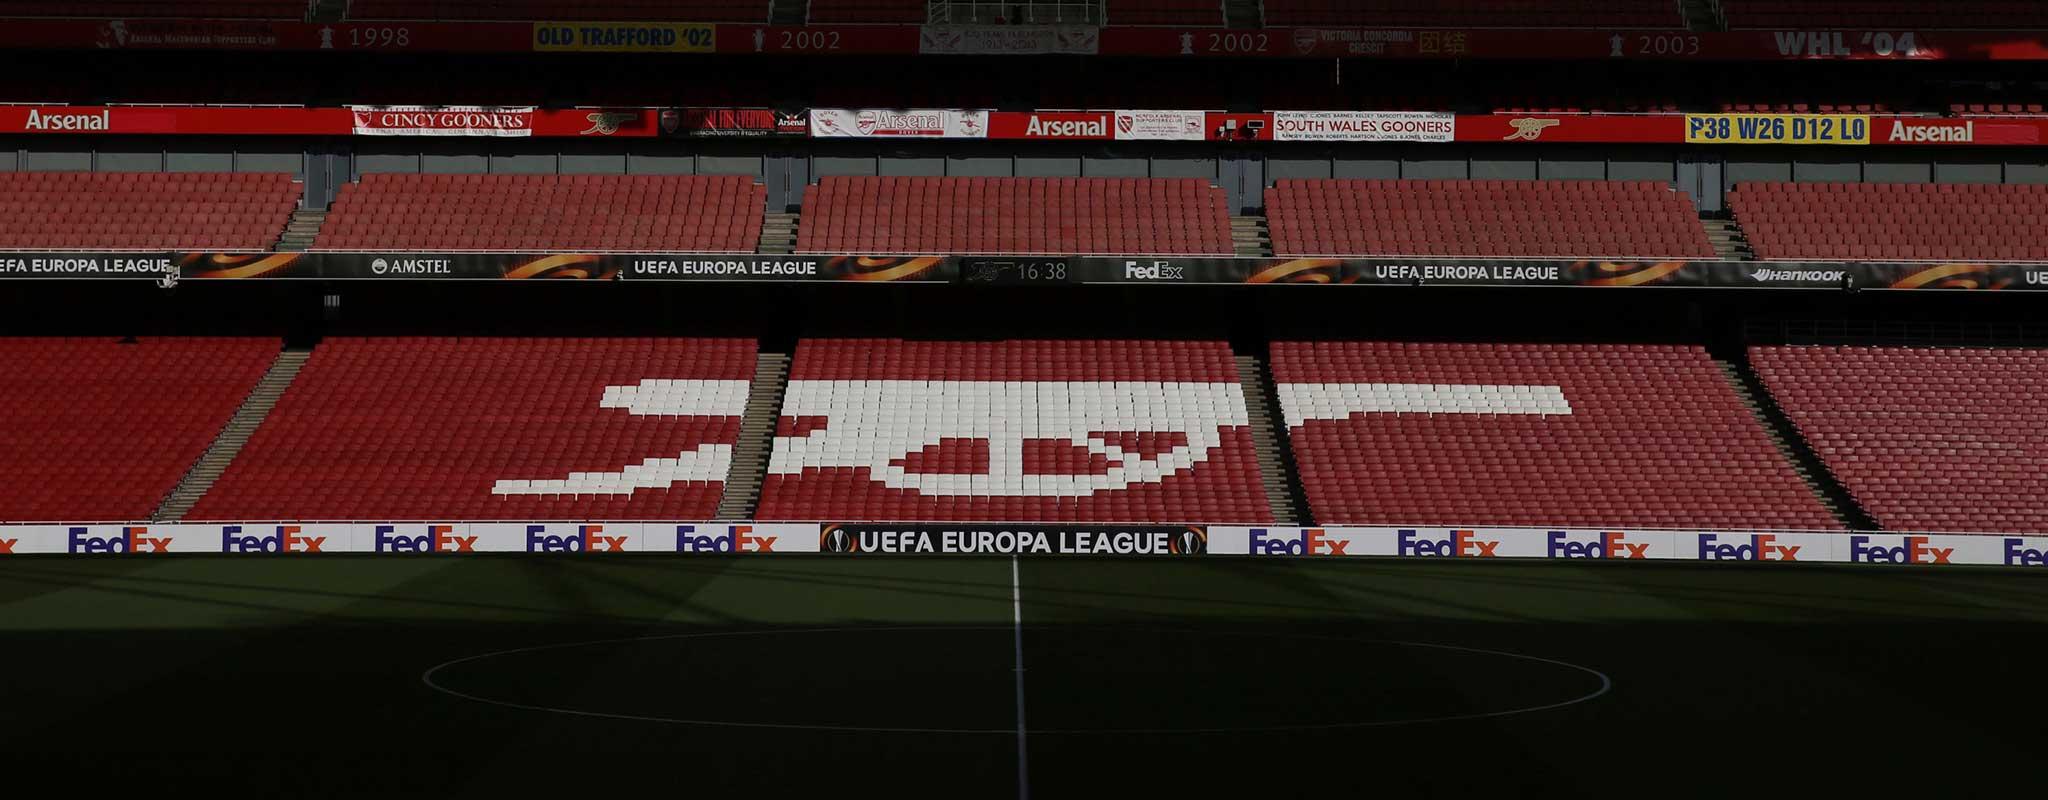 Arsenal Slavia Praha Arsenal Vs Slavia Praha UEFA